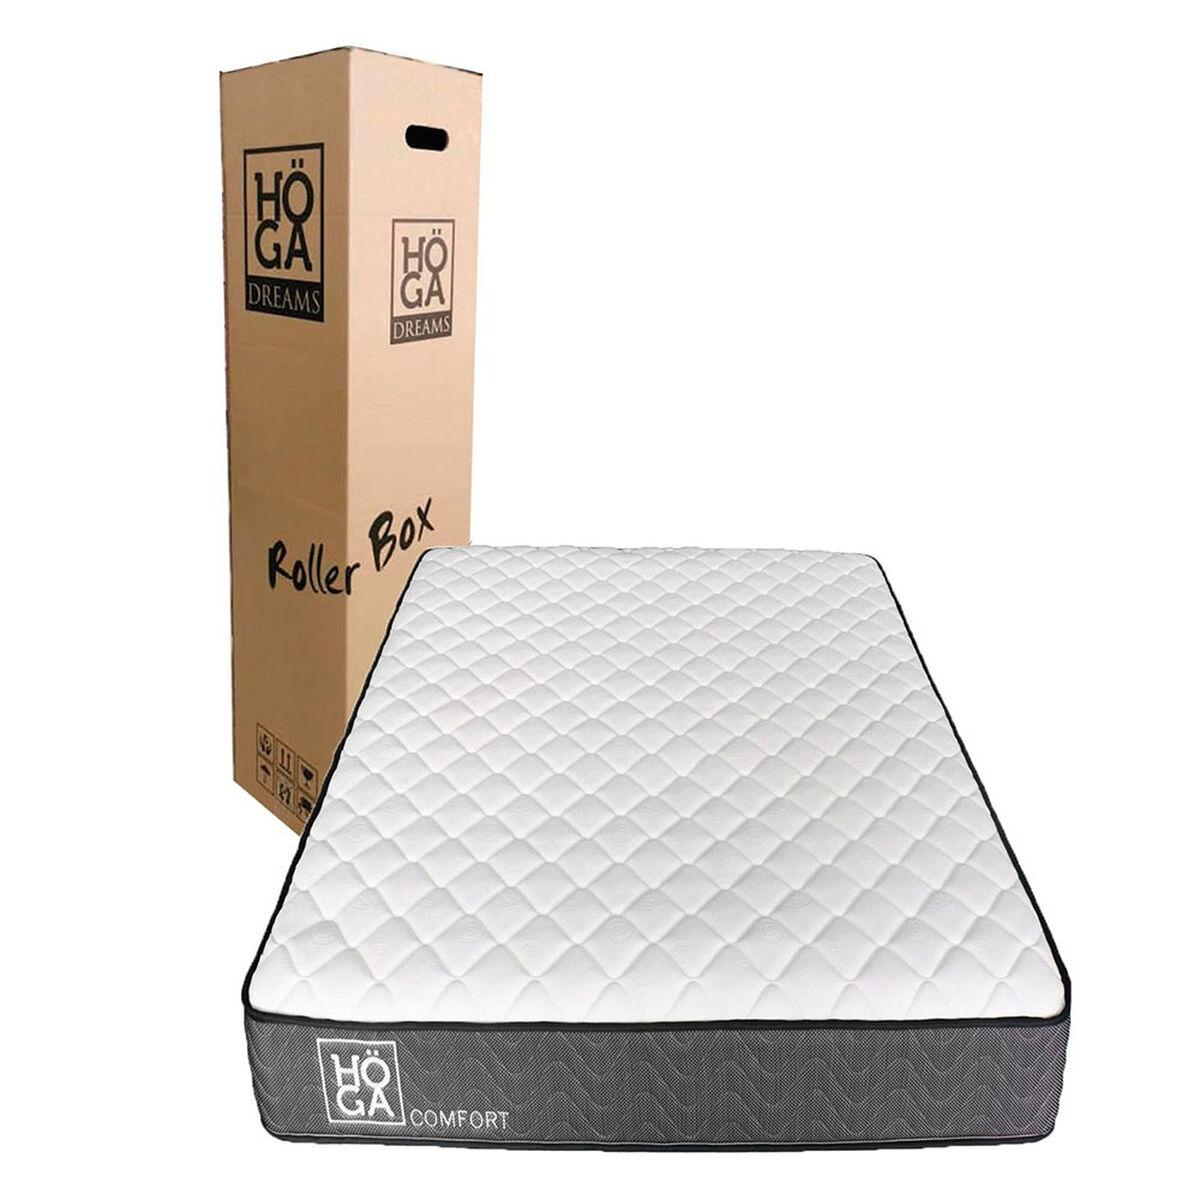 Colchón Hogadreams 1 Plaza Roller Box Comprimido